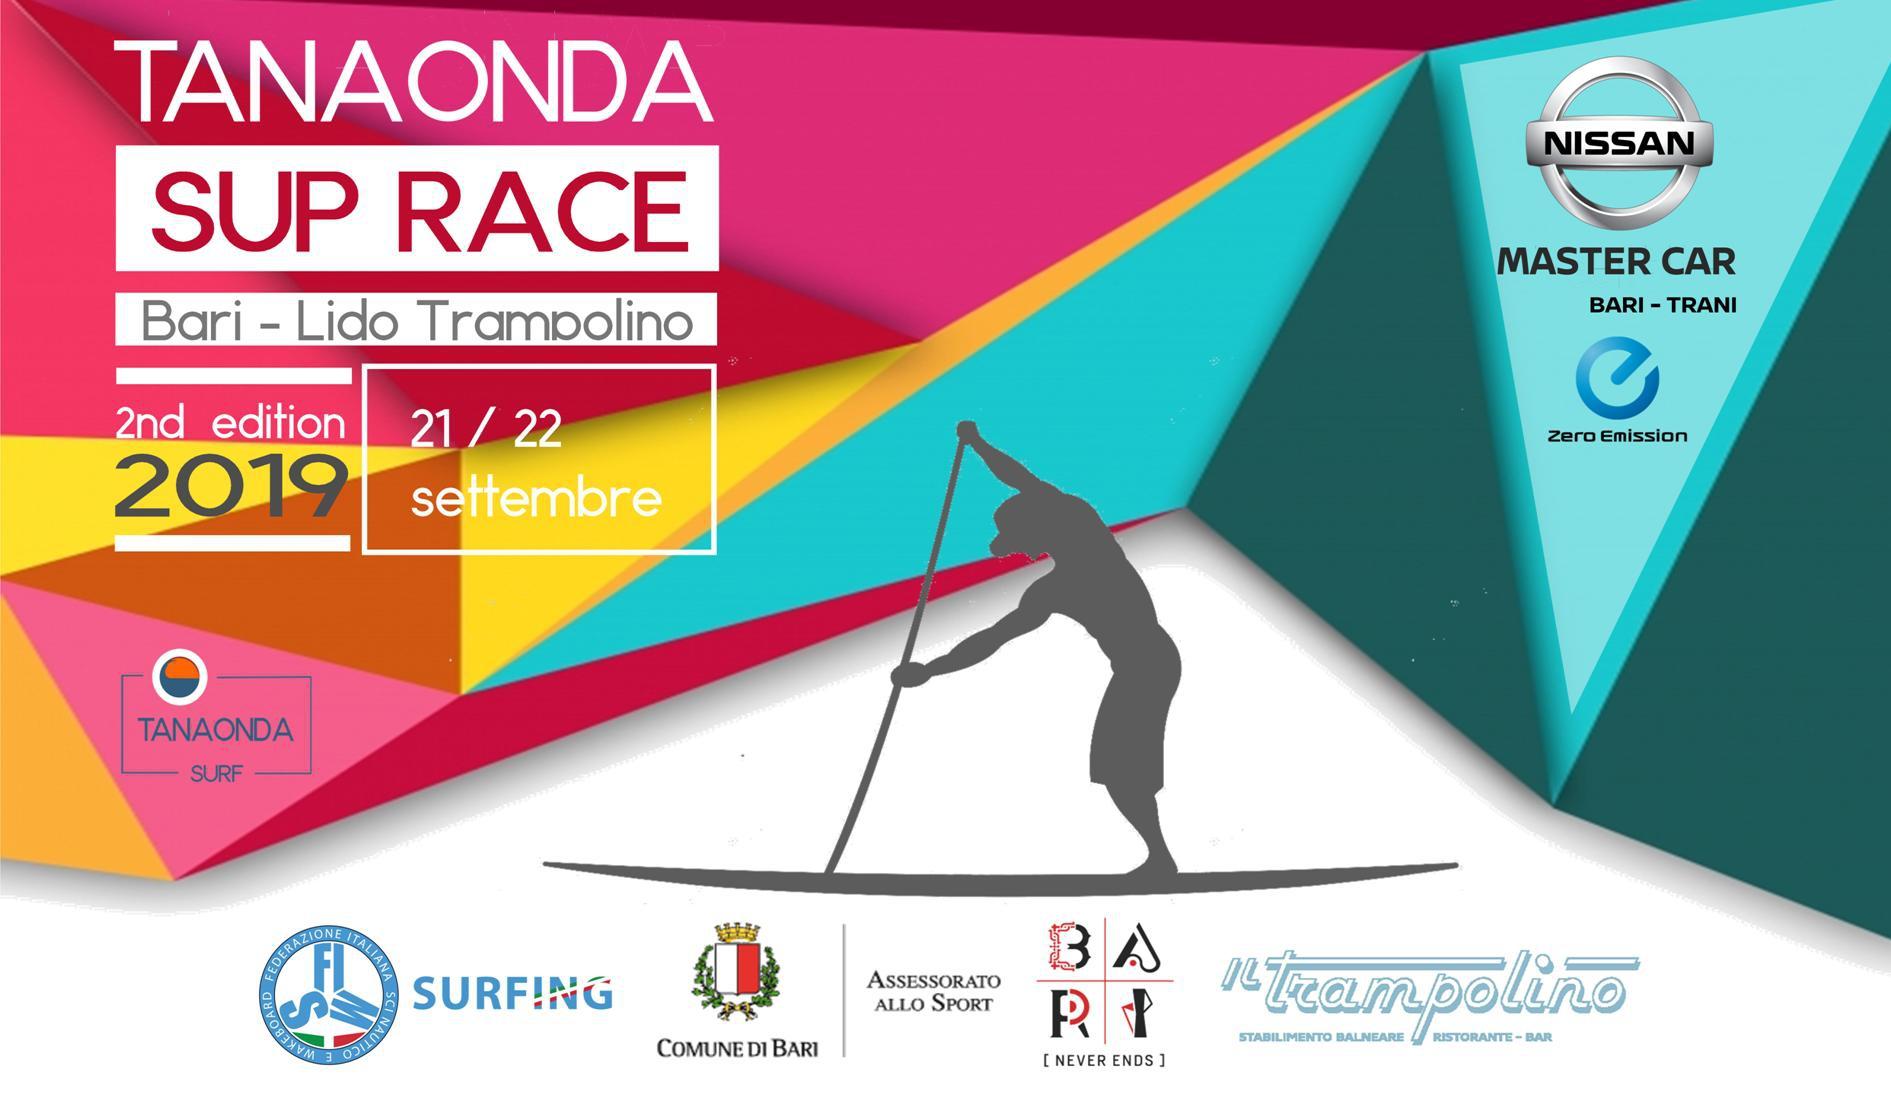 TANAONDA SUP RACE Bari 2019  2nd - 21/22 Settembre - Lido Il Trampolino